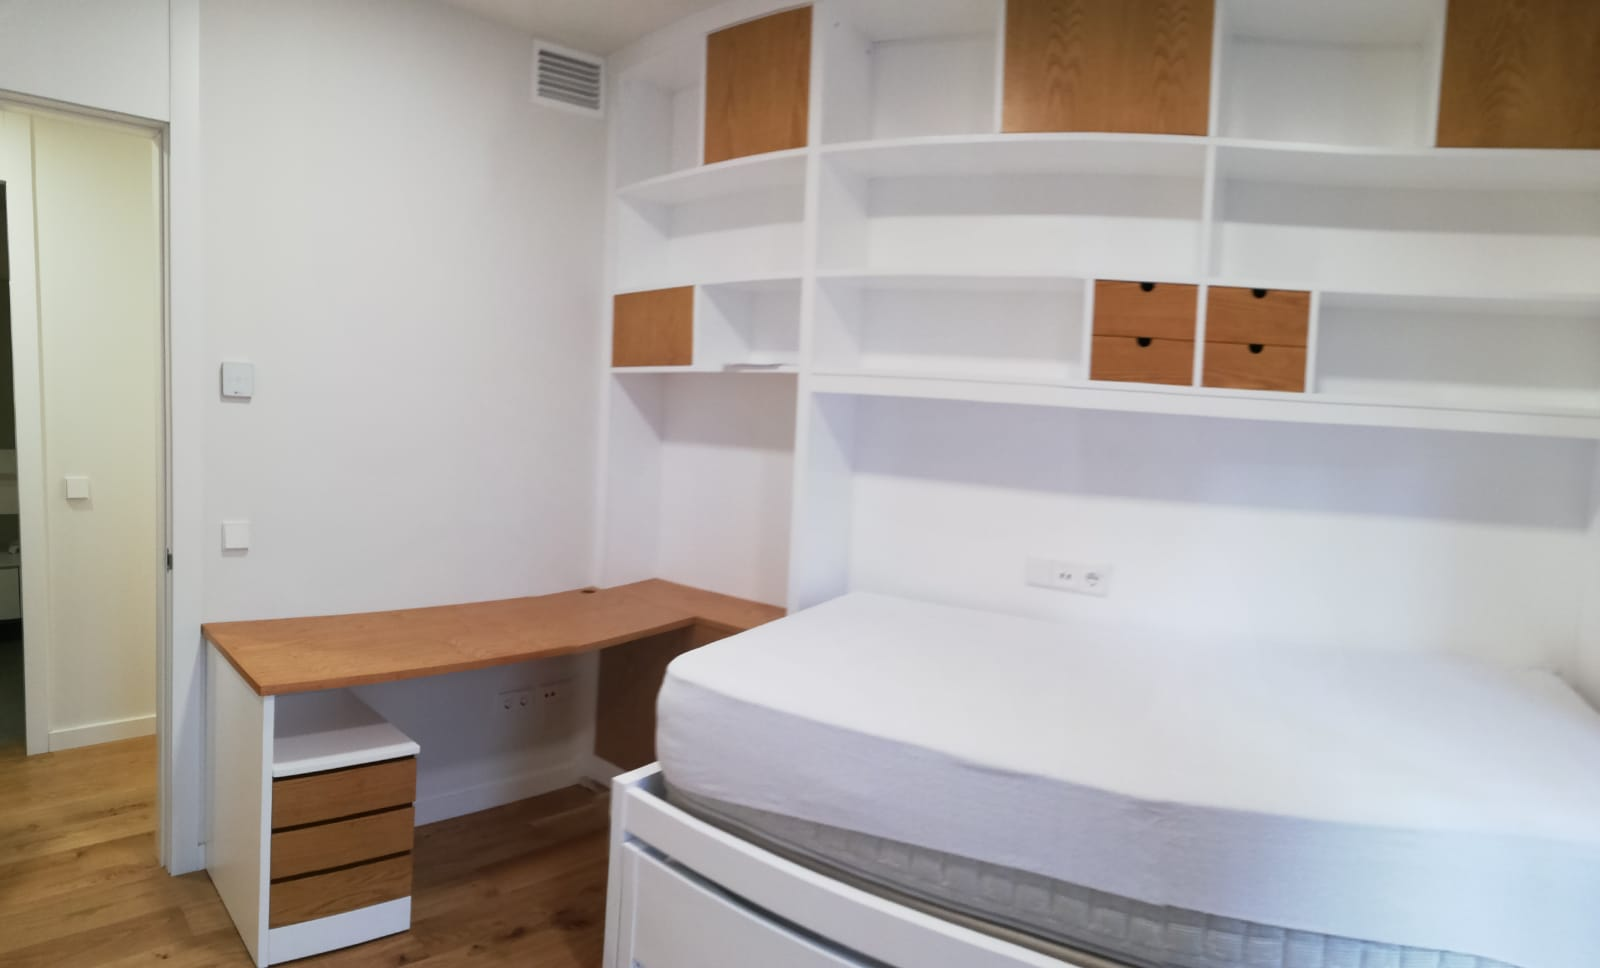 Habitaciones juveniles con espacio extra para estudiar